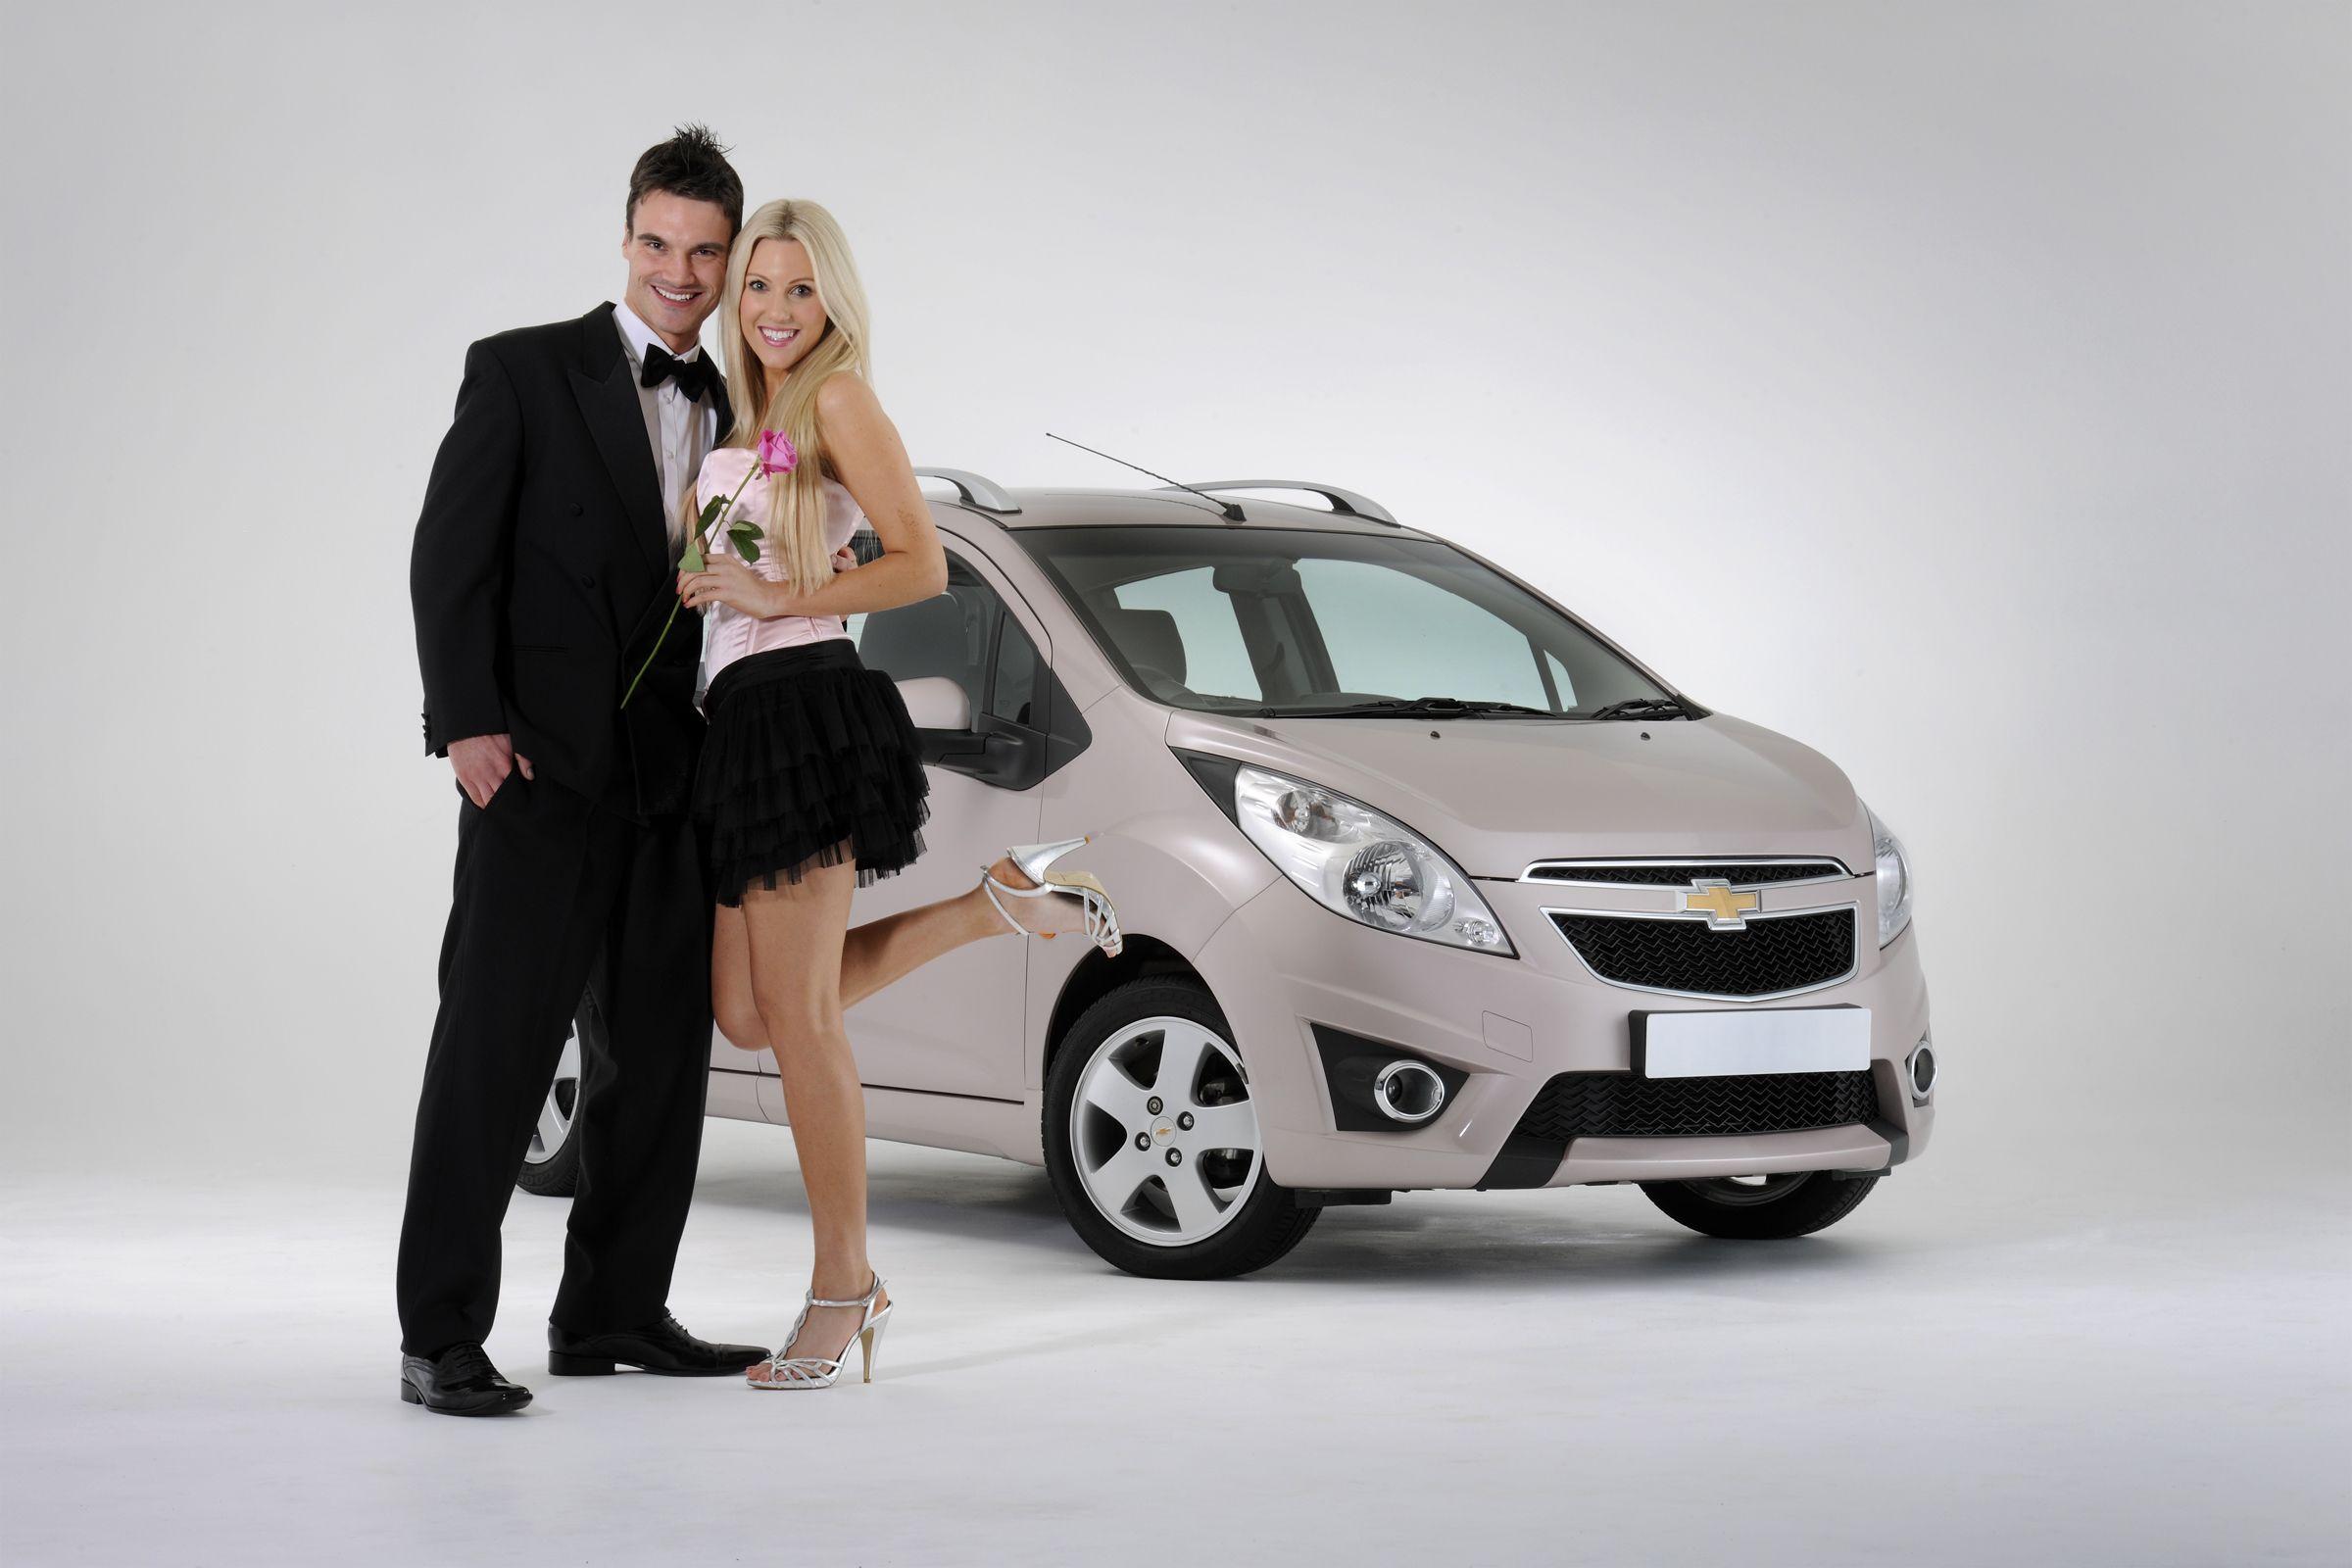 Chevy #ValentinesDay #Chevy #Chevrolet #Valentine #BeMine ...